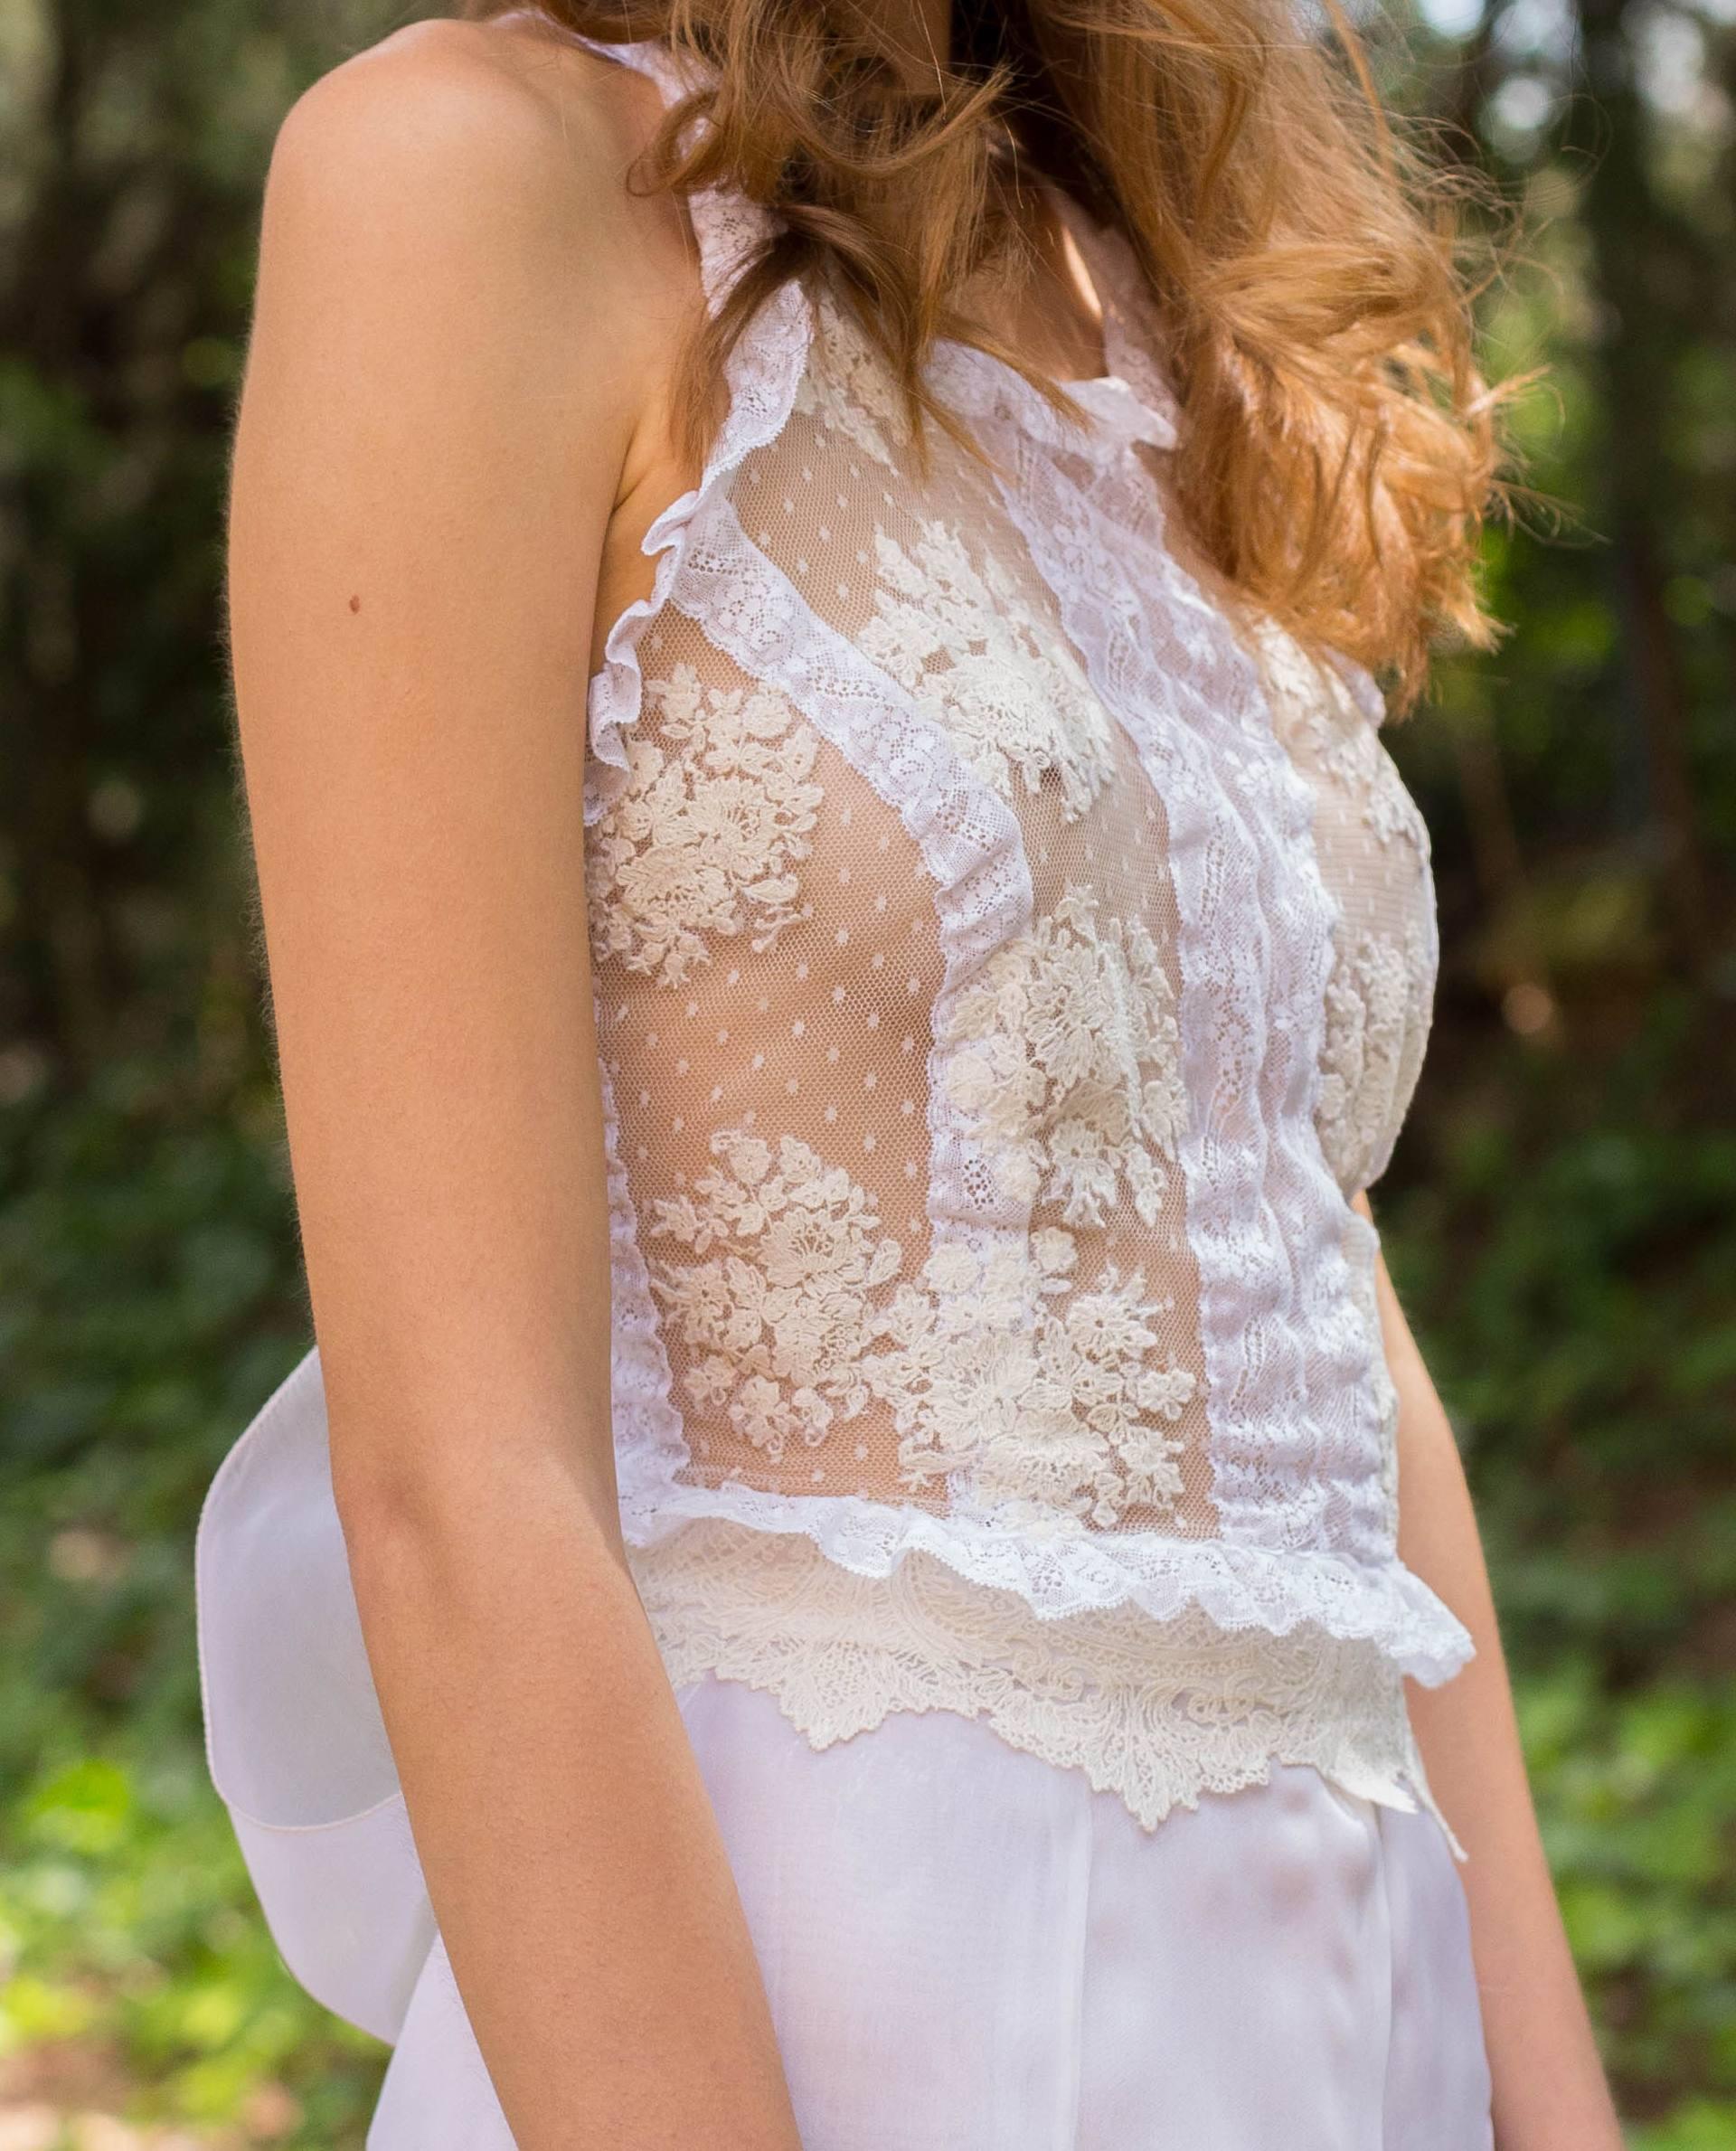 BRIDAL-NATURE 2019/20 - BLUSAS - detalle del top de novia judit de plumeti, encaje y puntilla